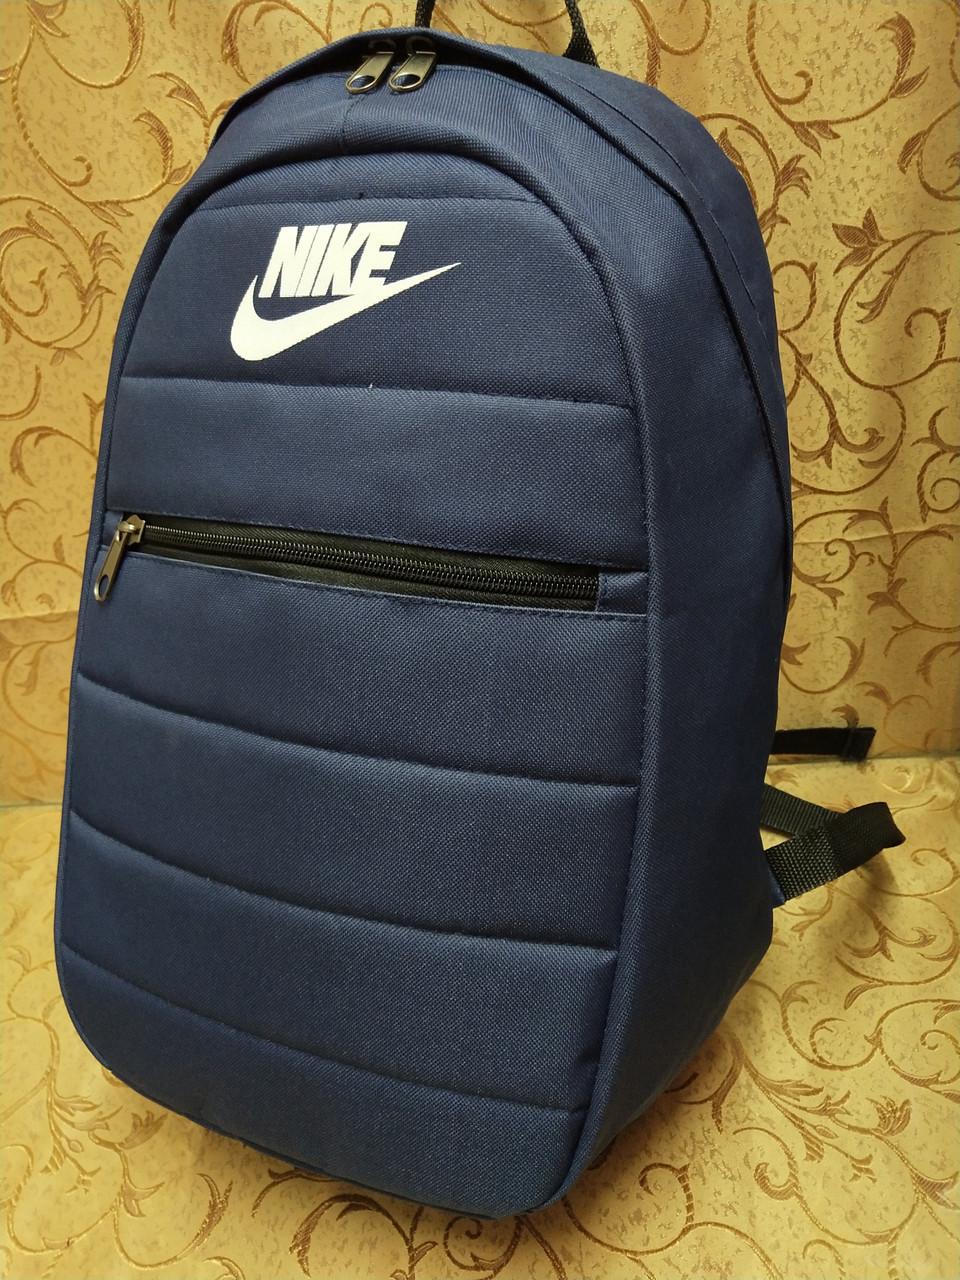 Рюкзак найк nike новинки моды спортивный спорт городской стильный Школьный рюкзак только оптом